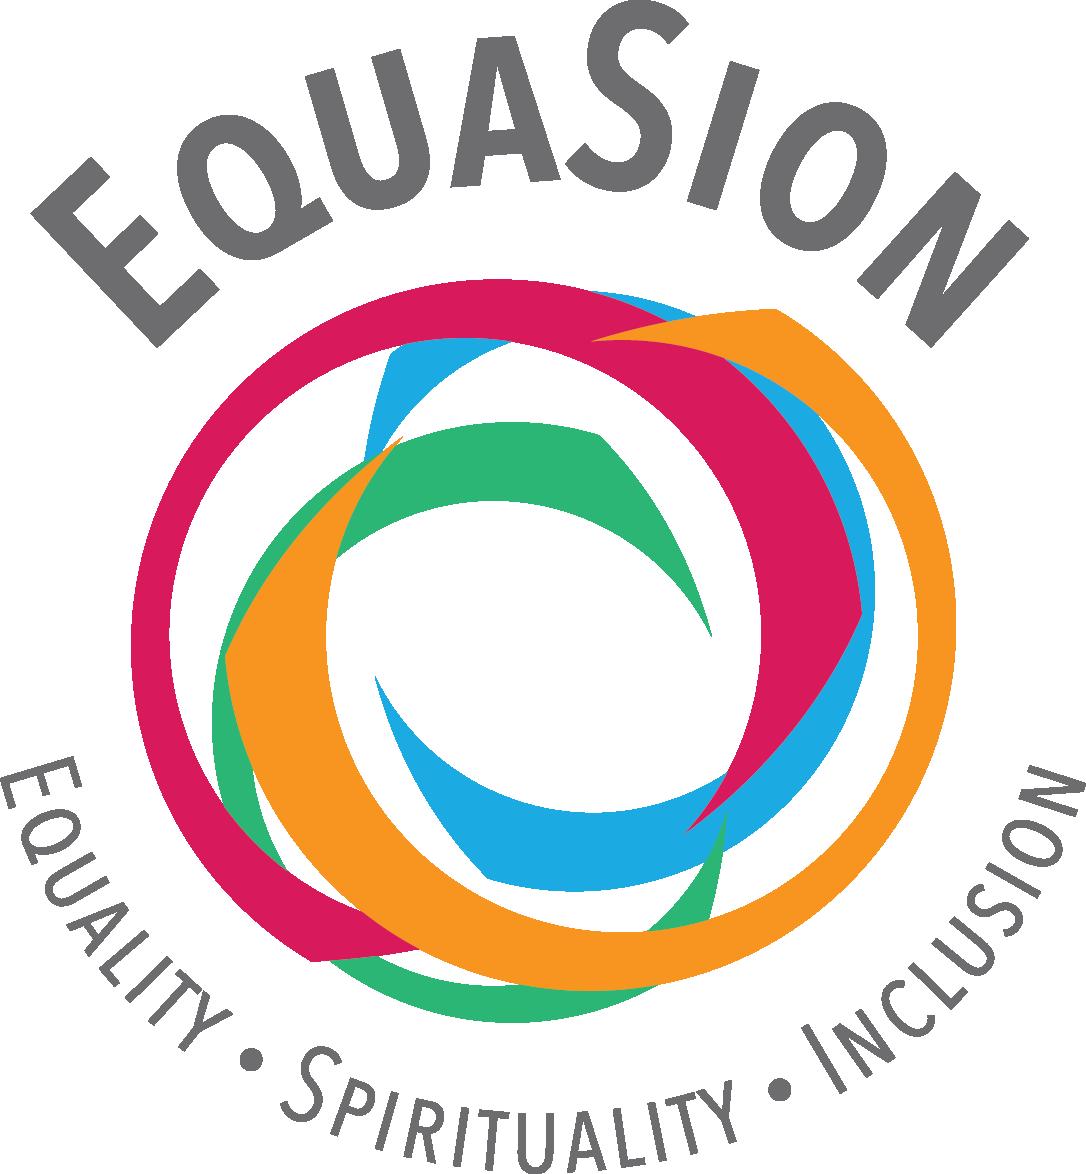 EquaSion